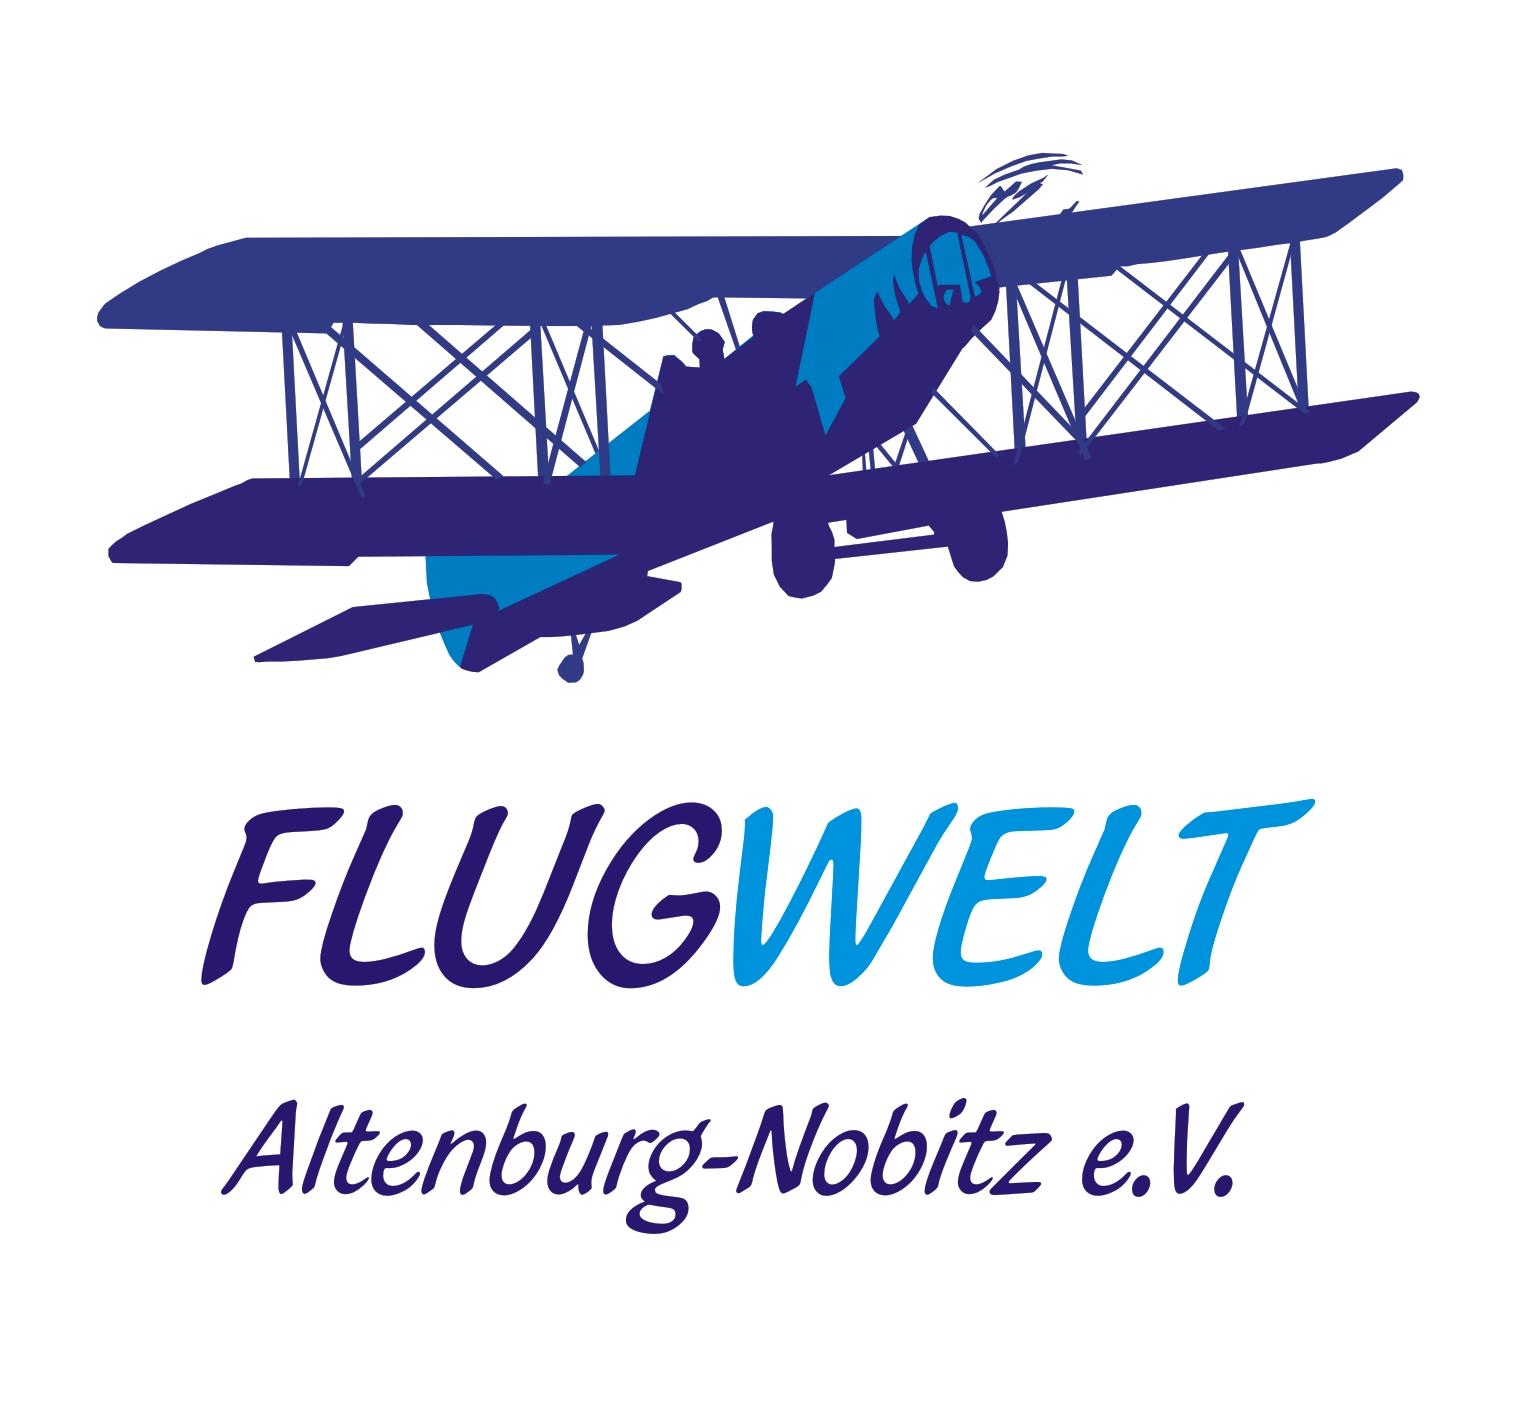 Flugwelt Altenburg Nobitz e.V.